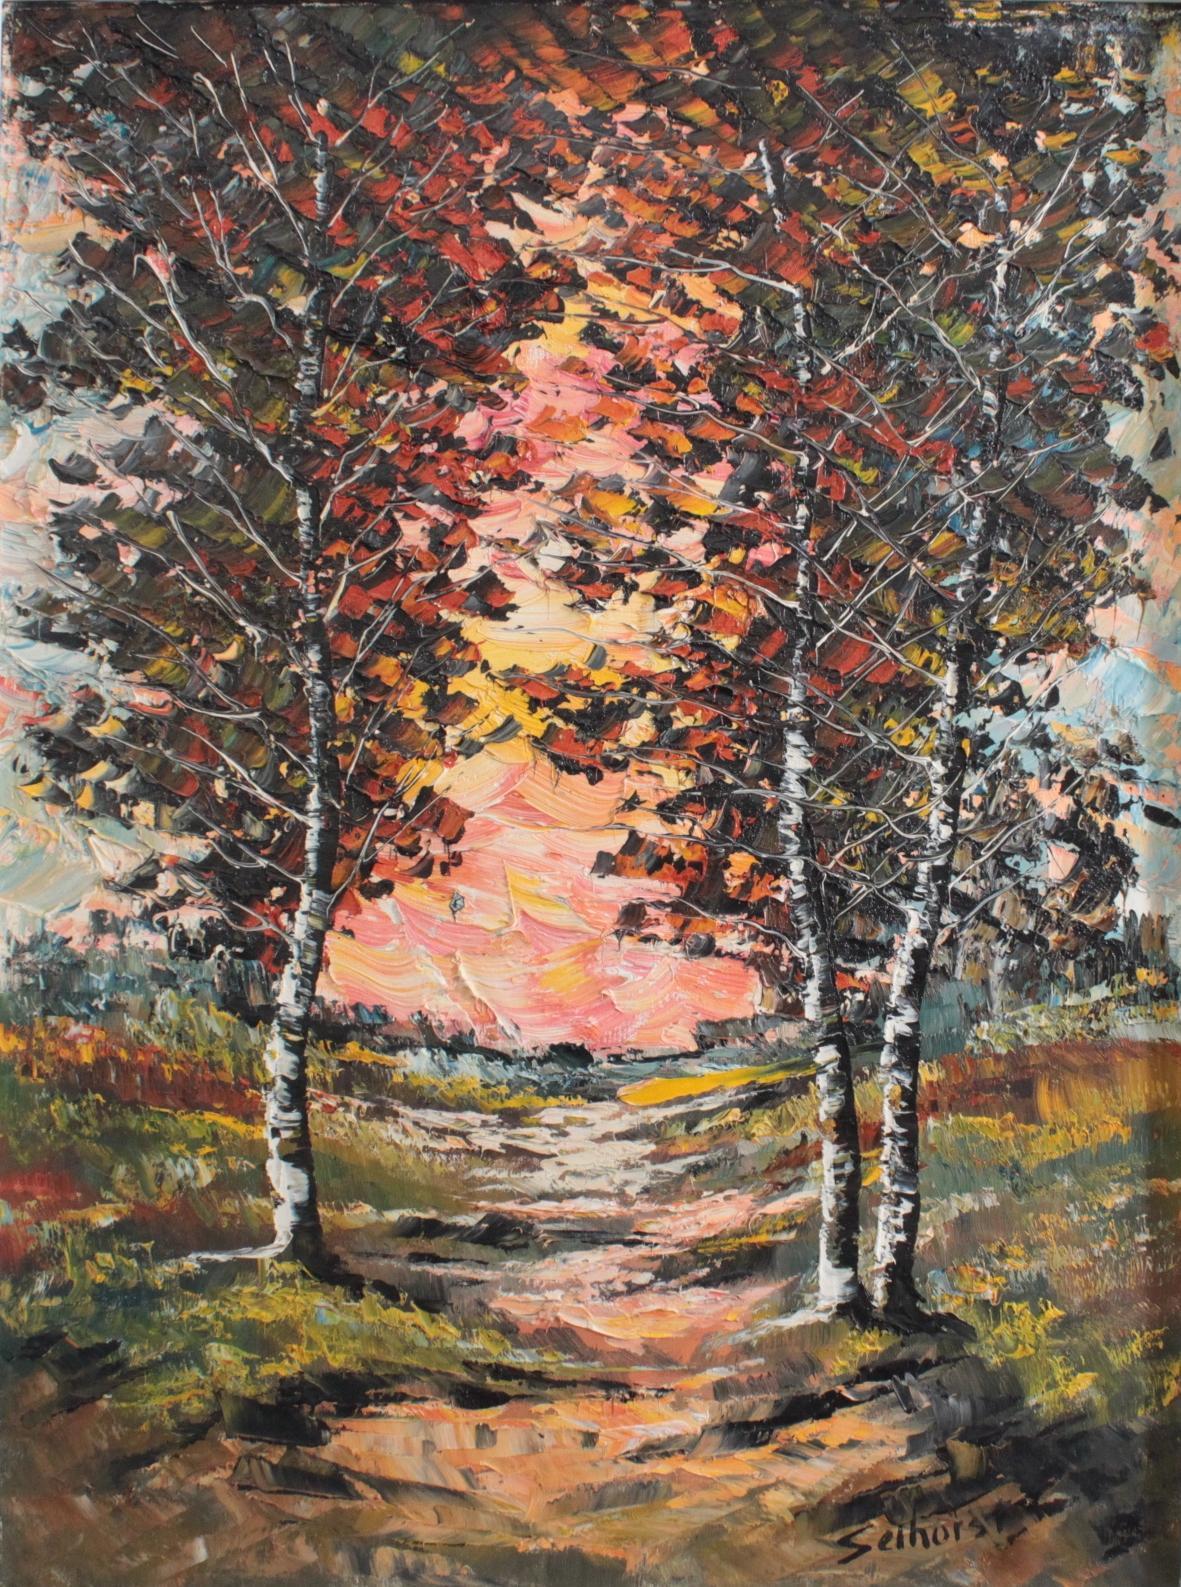 Selhorst, 'Herbst Landschaft'-2